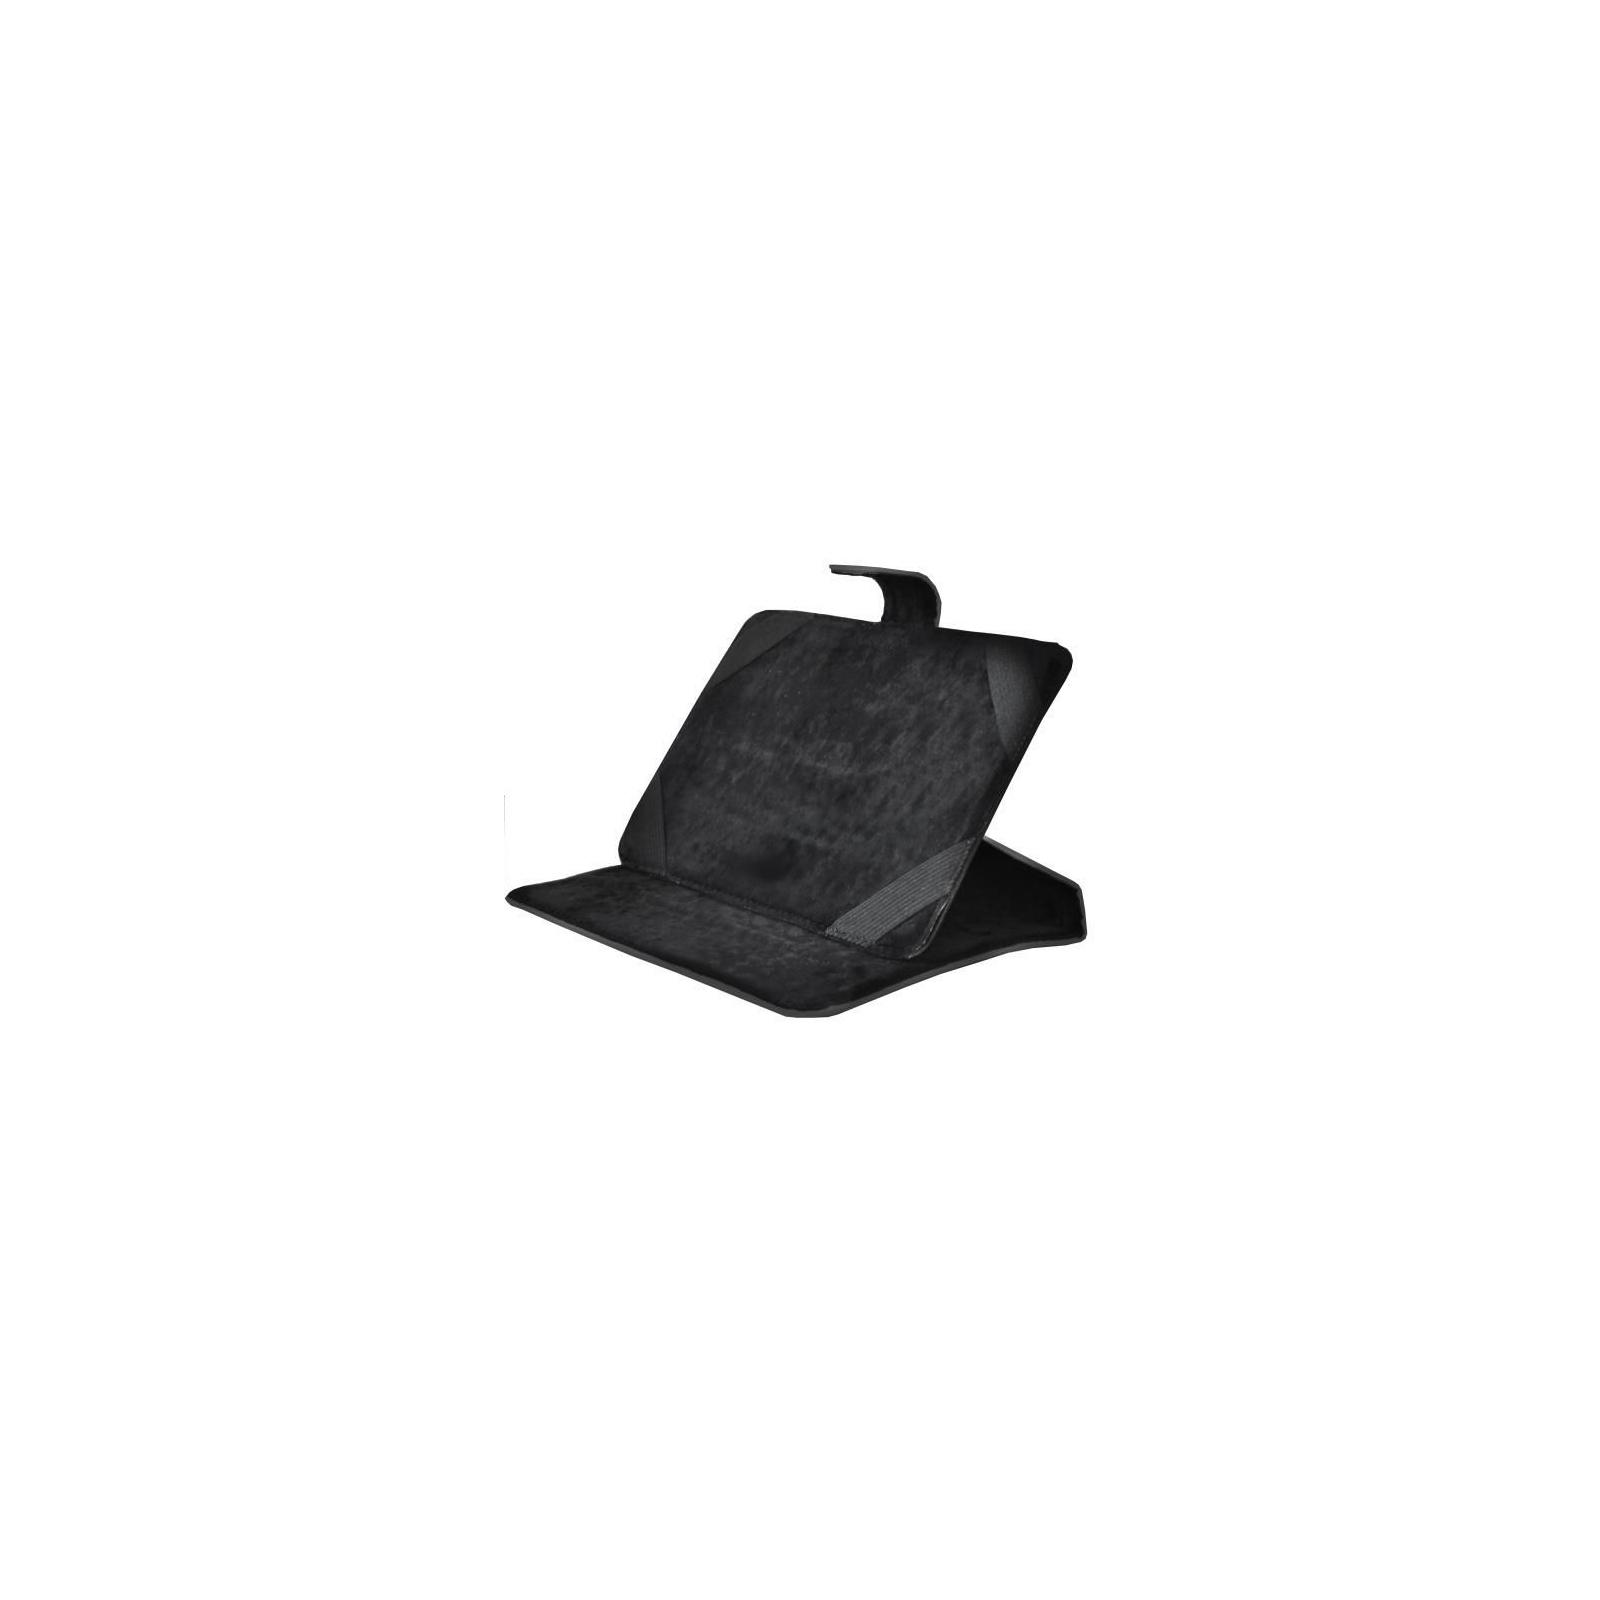 Чехол для планшета Vento 9 Advanced - black изображение 2